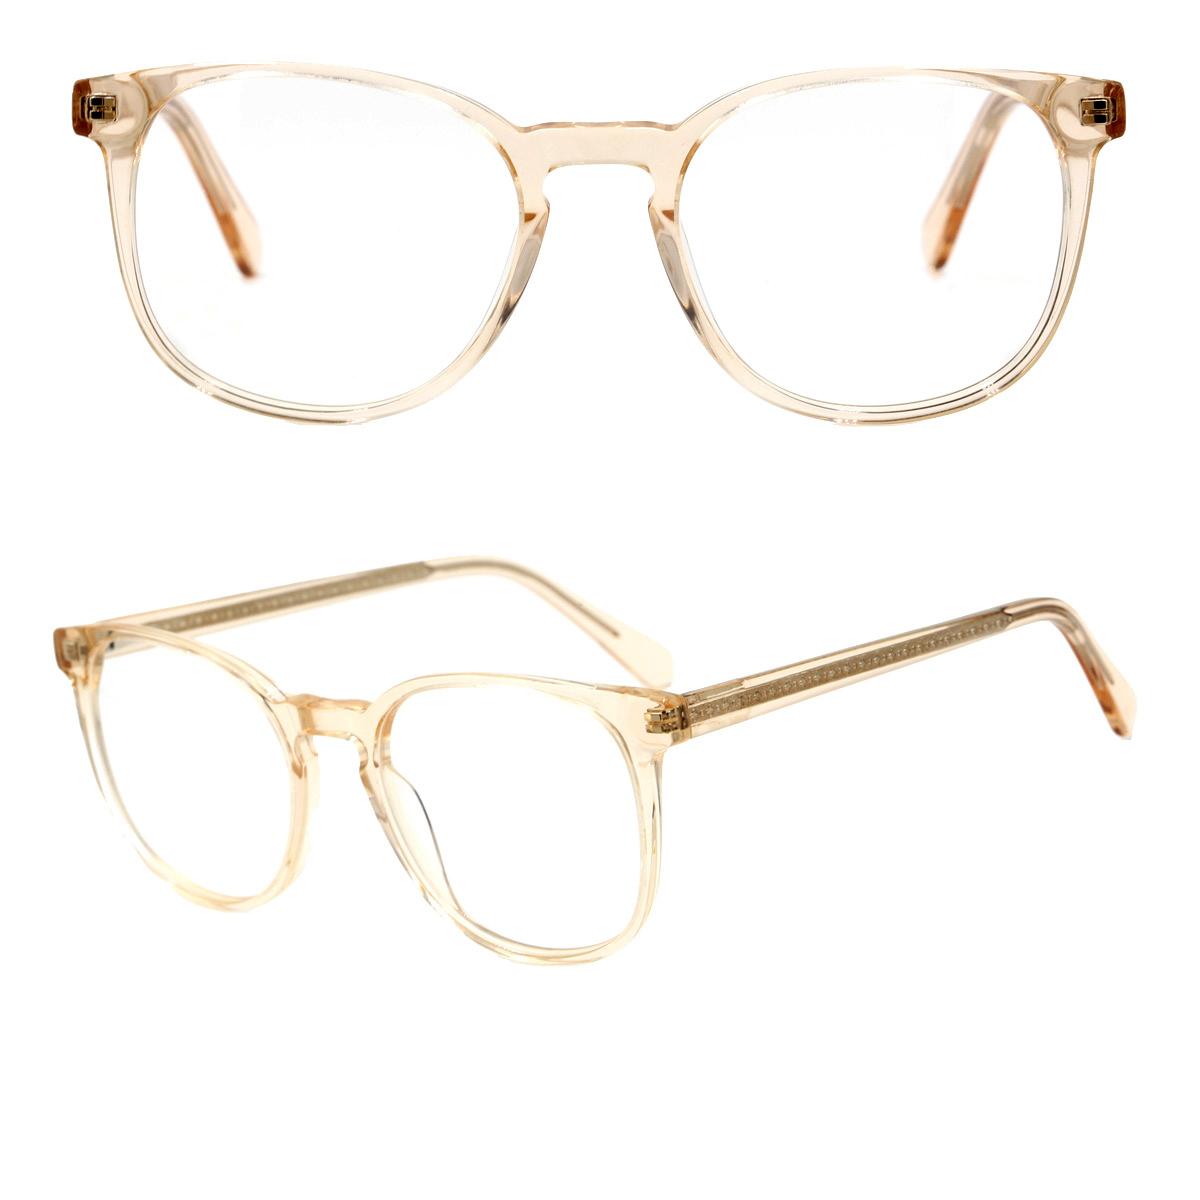 Popeyewear ODM/OEM Clear Acetate Optical Eyeglasses(Eyewear) Frames